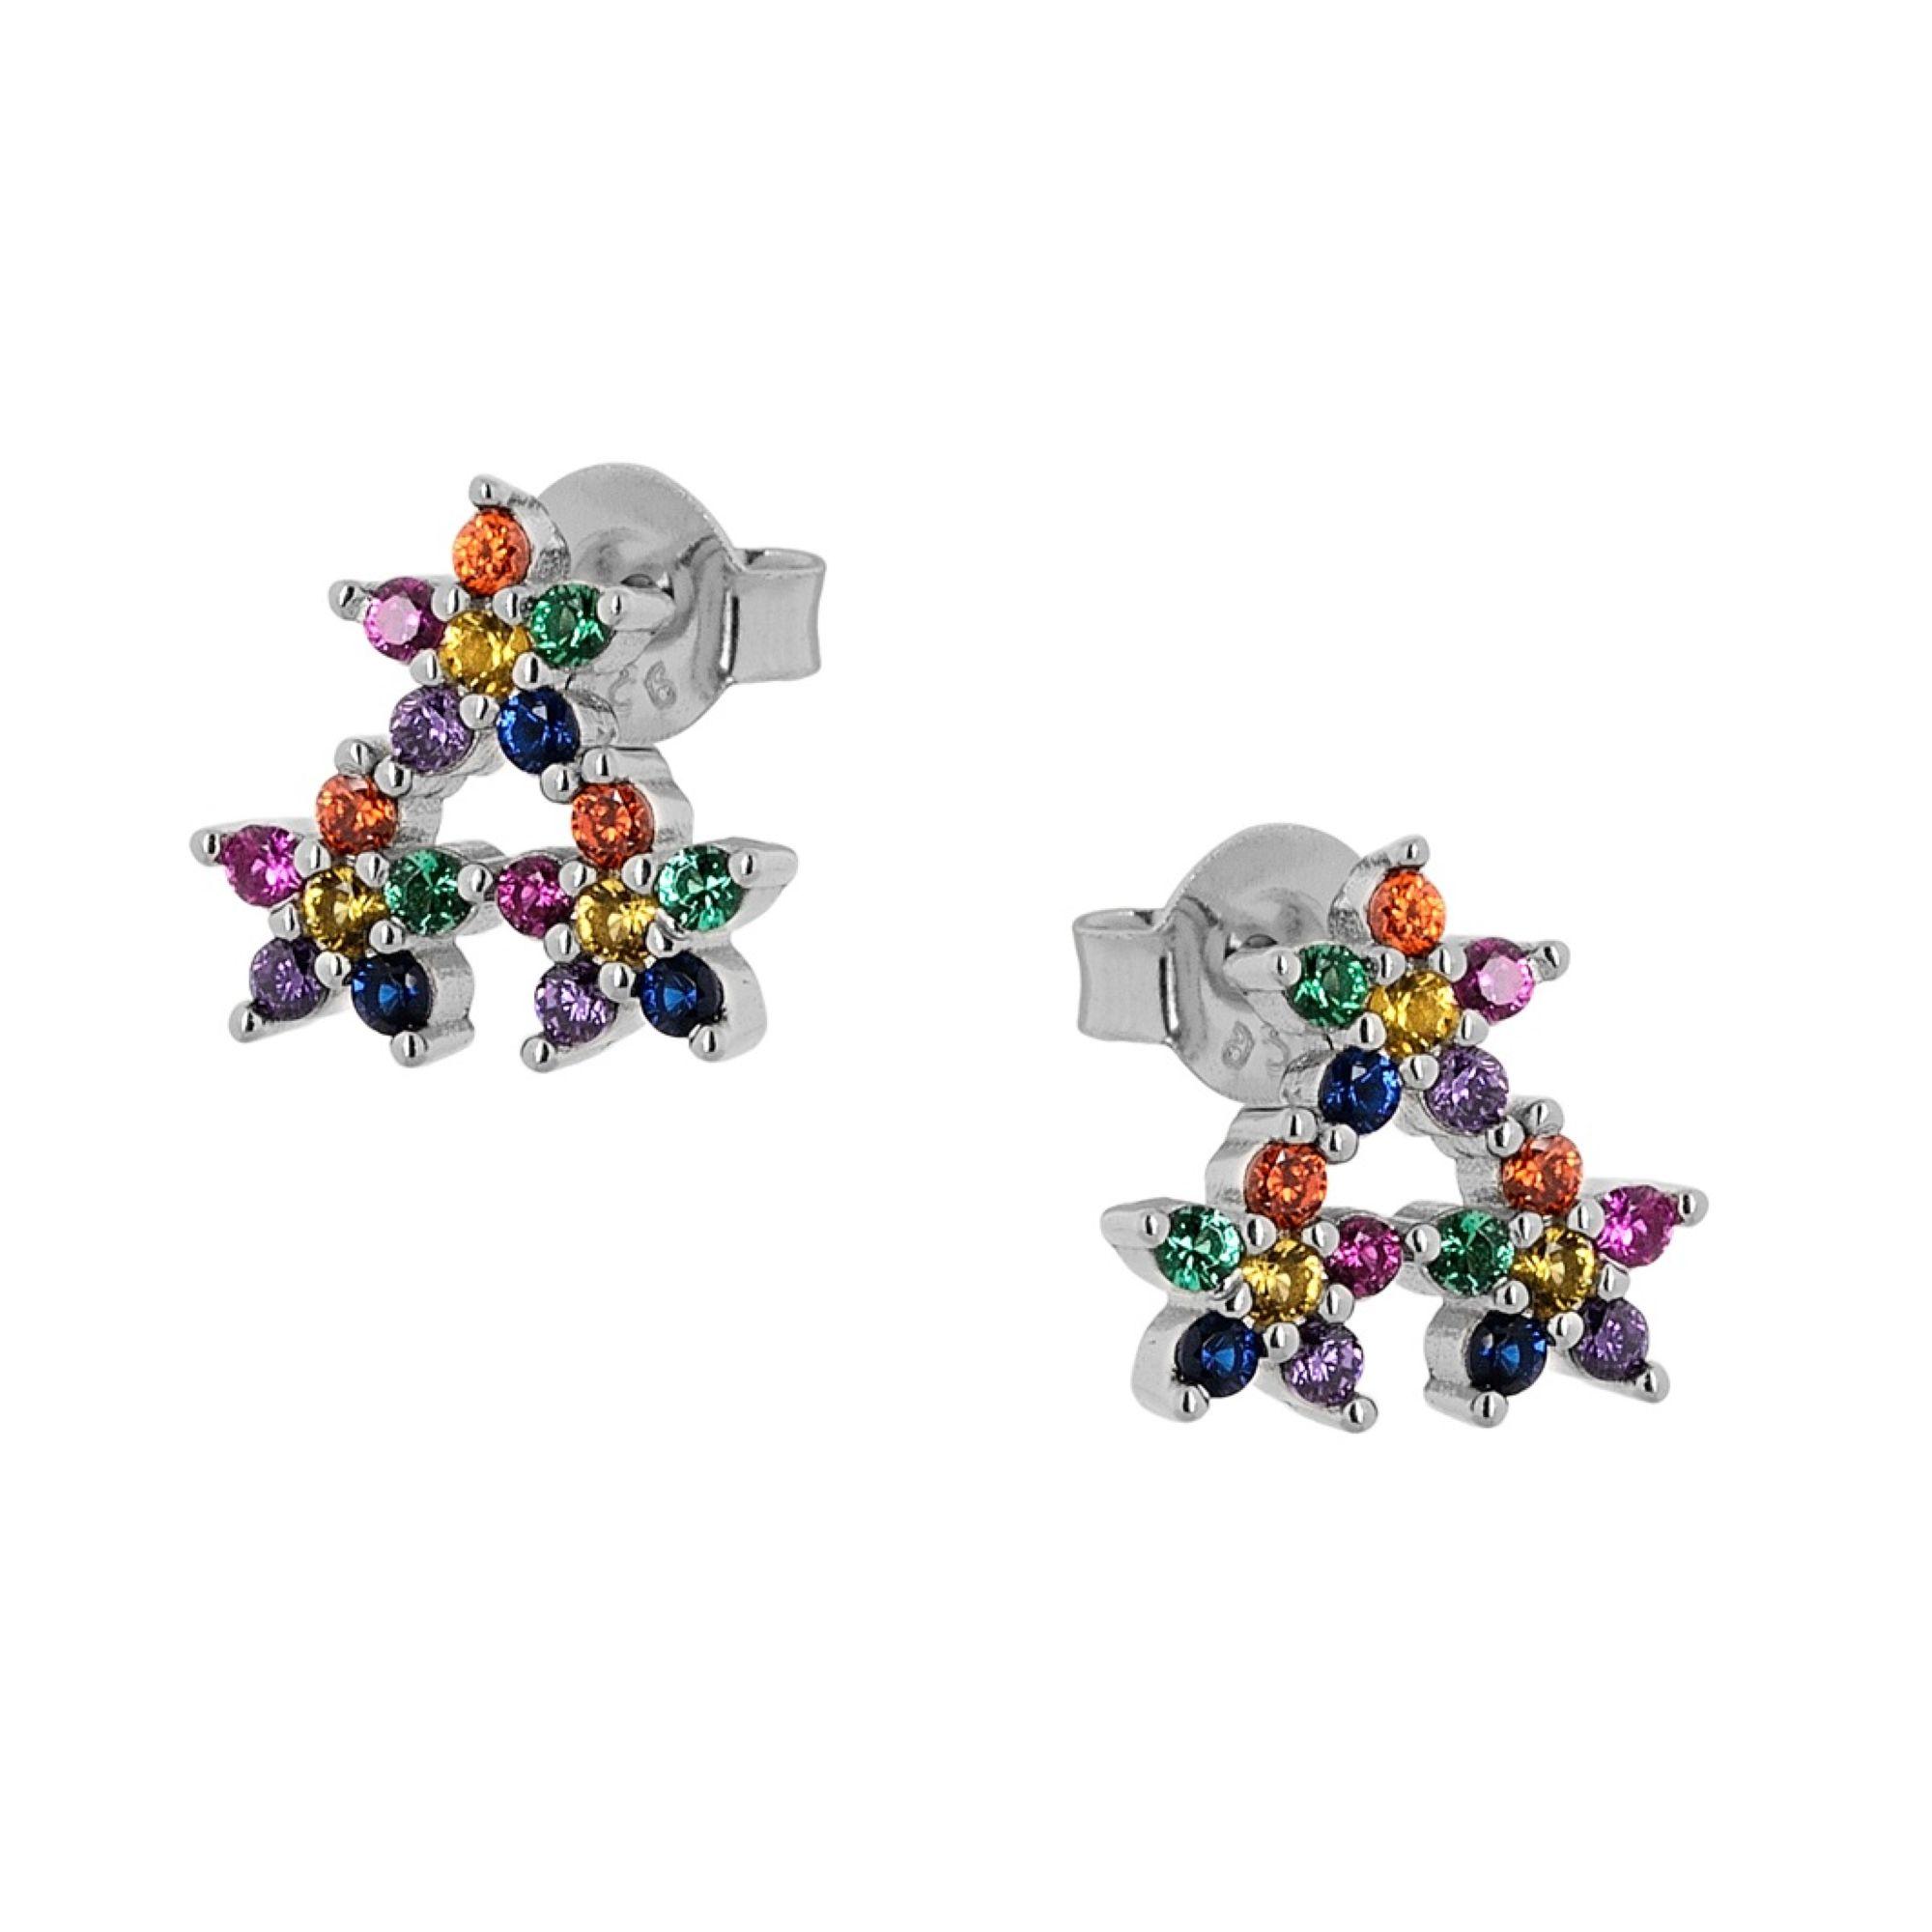 Ασημένια Σκουλαρίκια με Πολύχρωμες Πέτρες